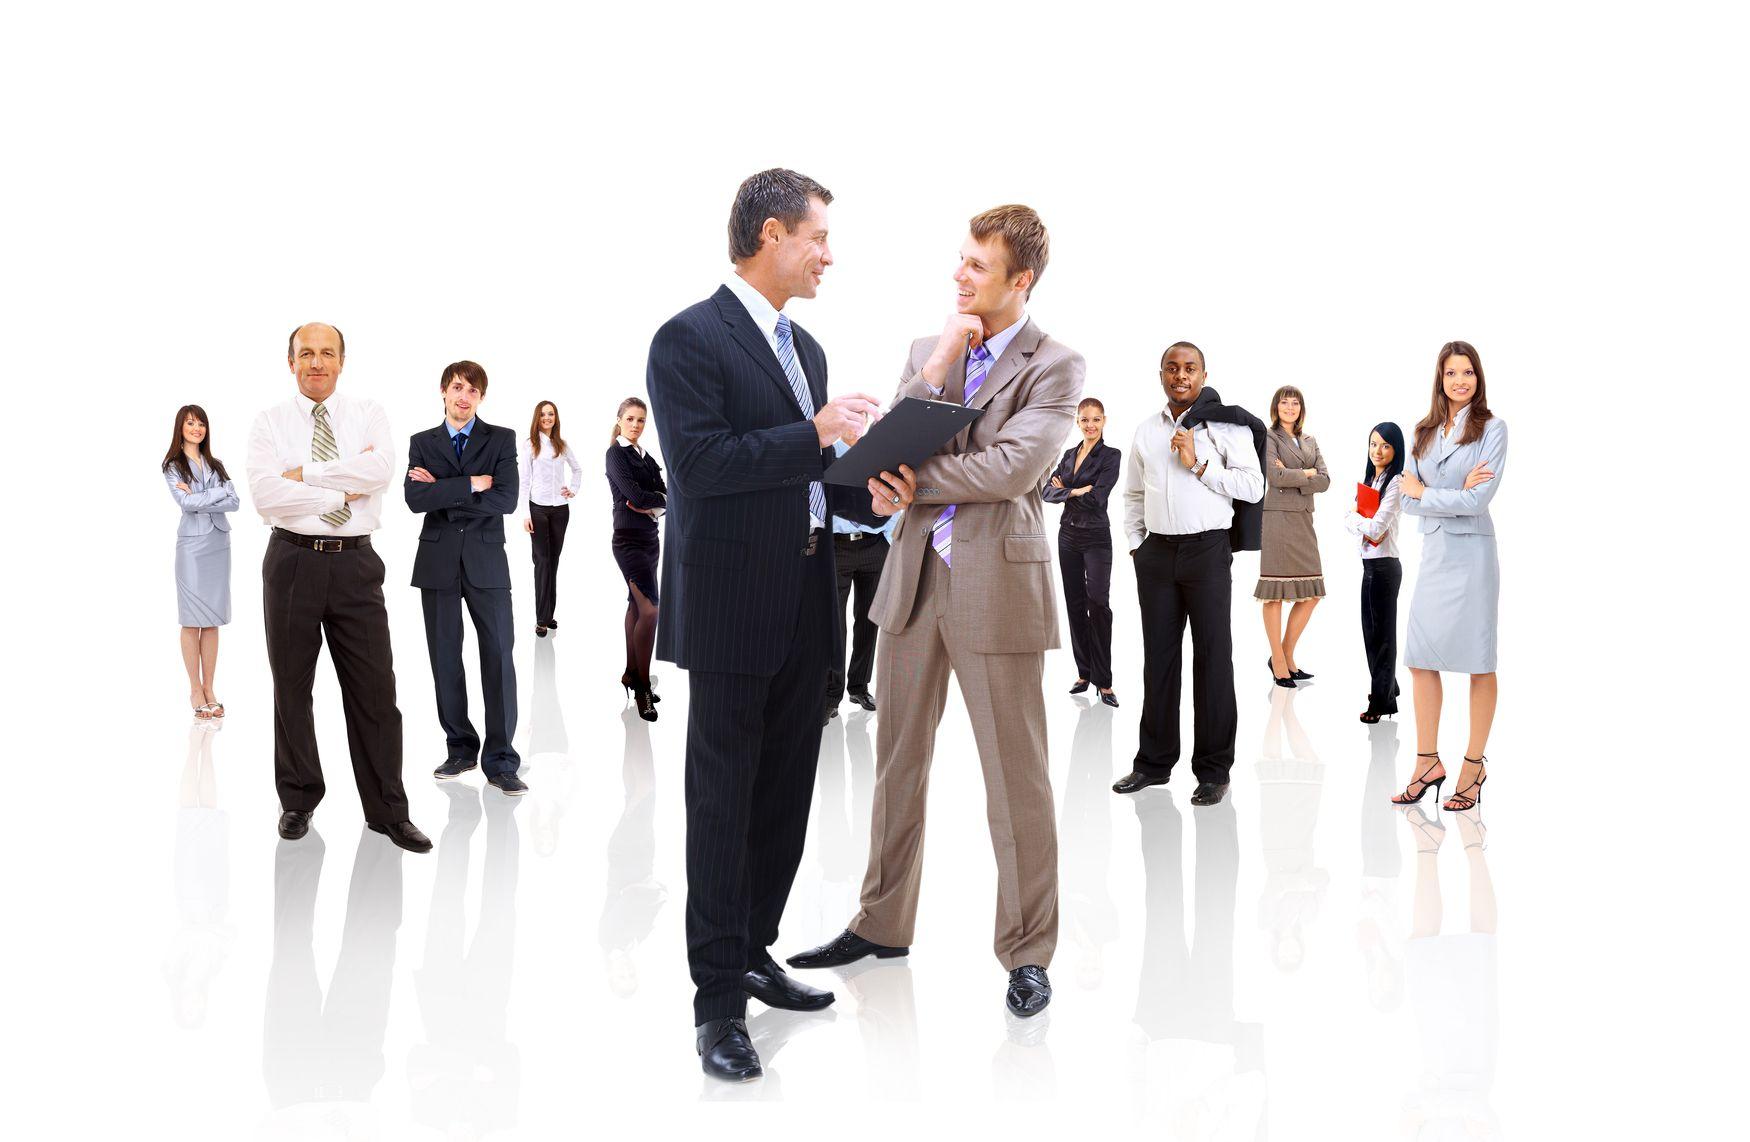 фото на тему лидерство и опыт единственное проявление